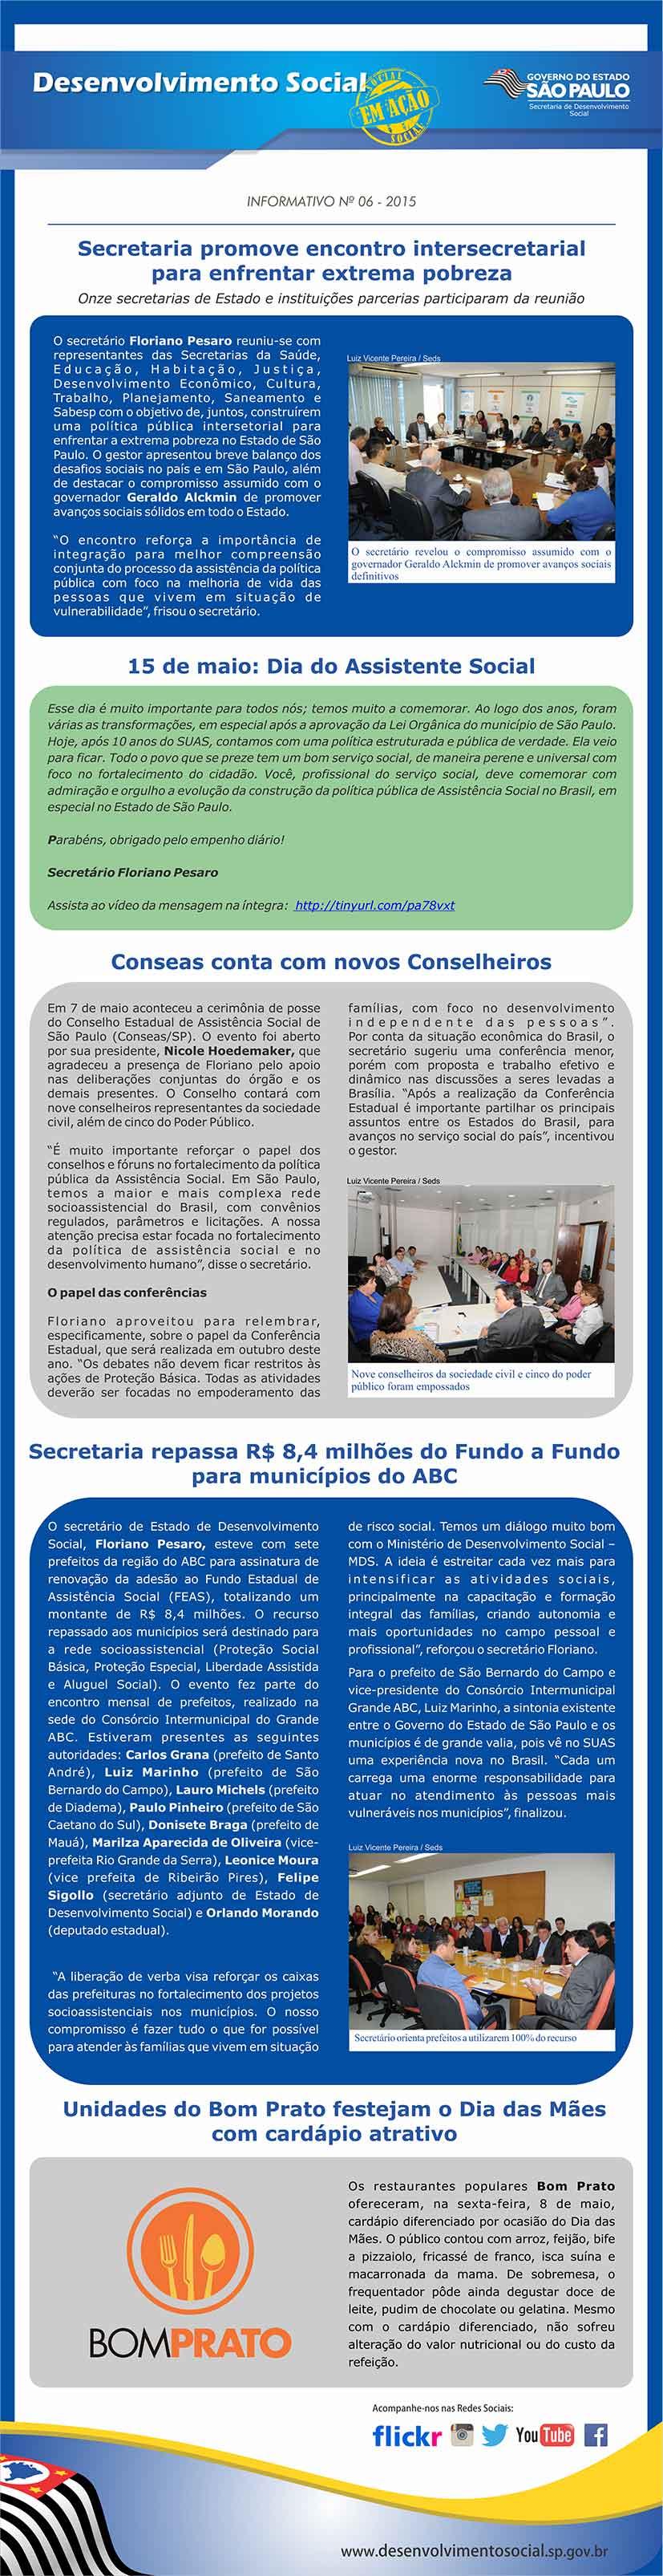 news Maio